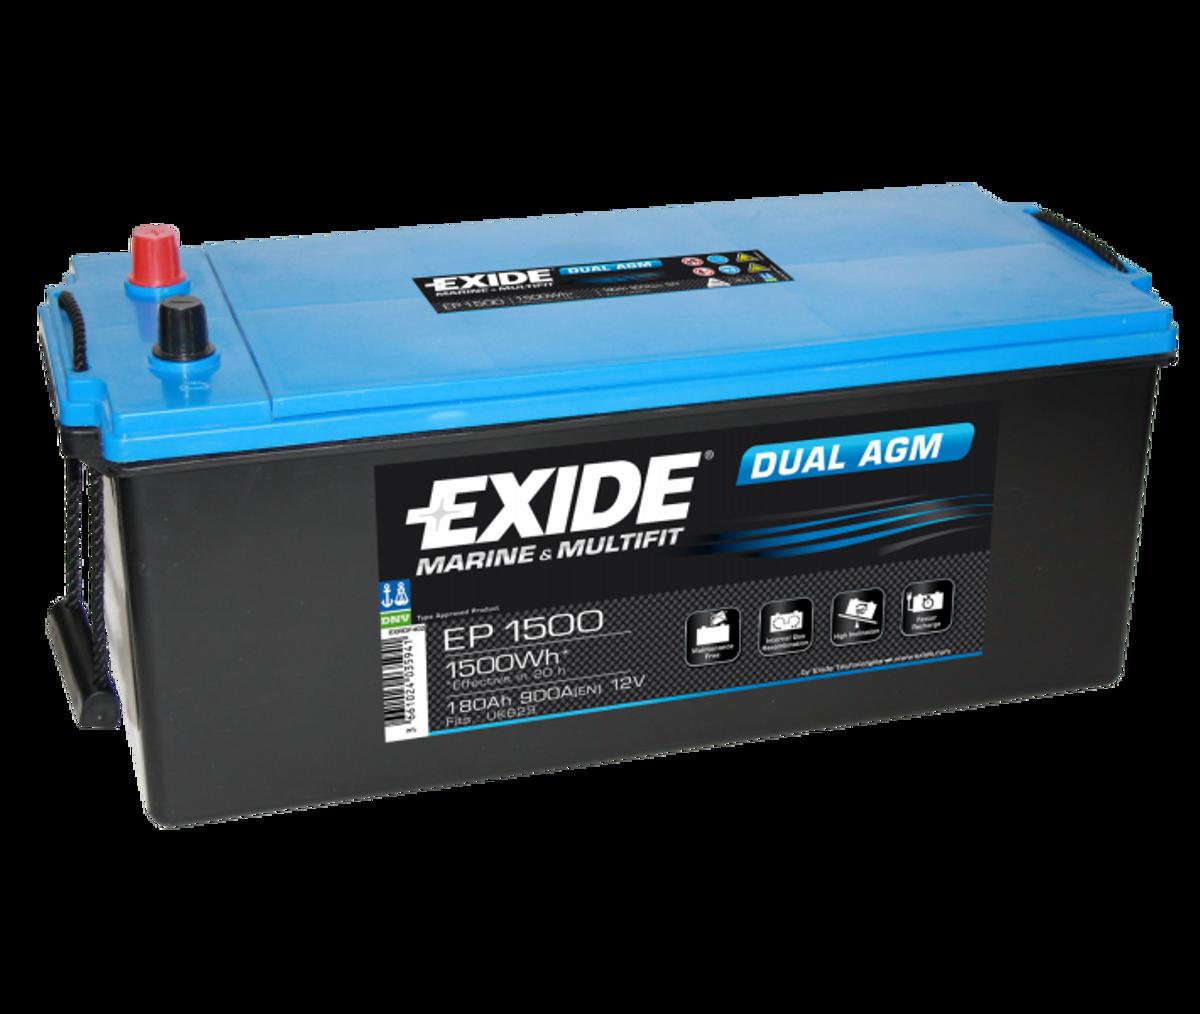 EP1500 EXIDE DUAL AGM